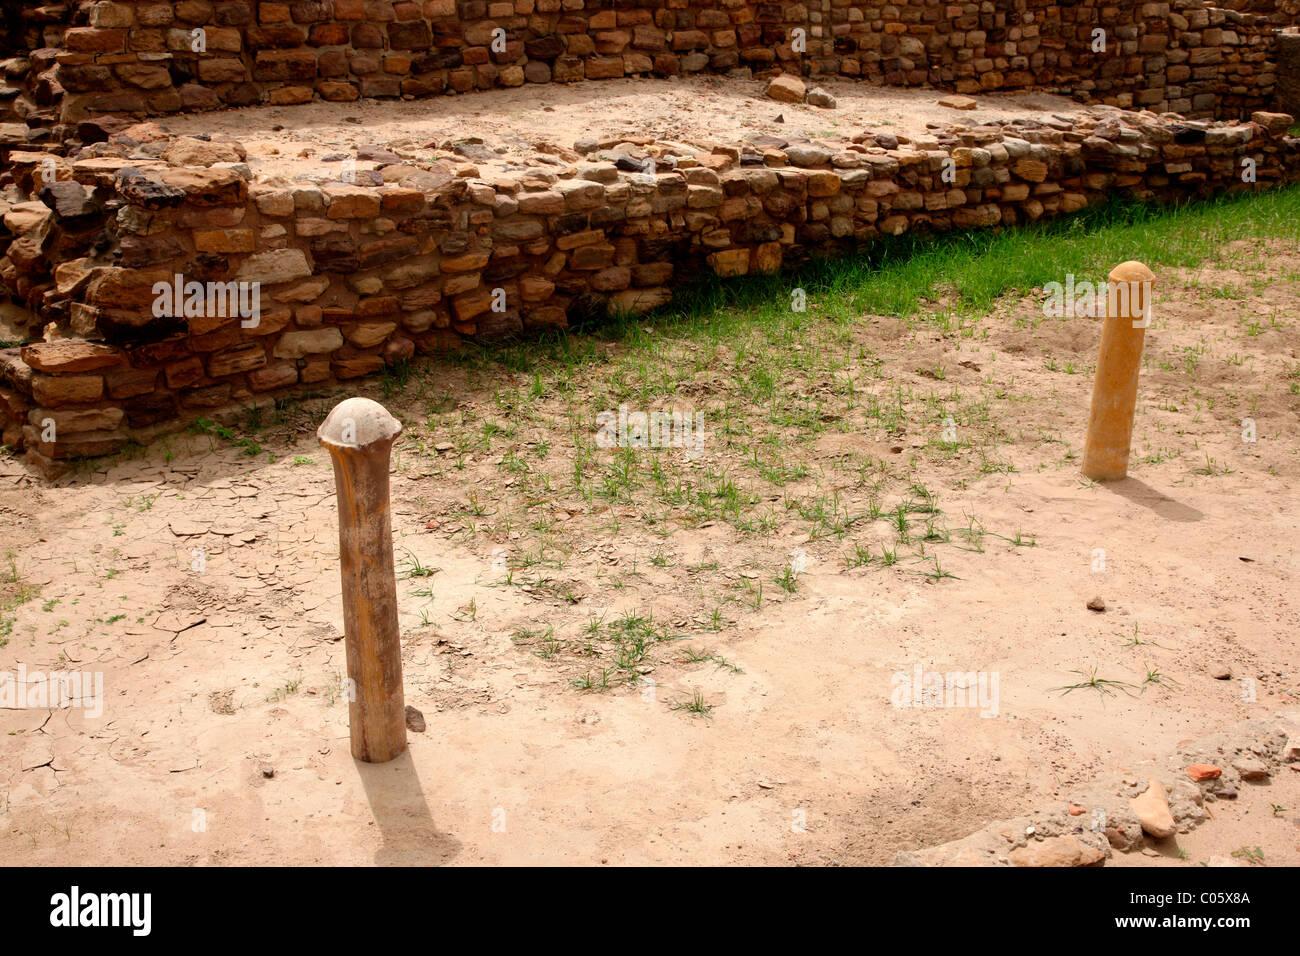 Ruins of Harappan civilisation at Dholavira, Gujarat,india - Stock Image